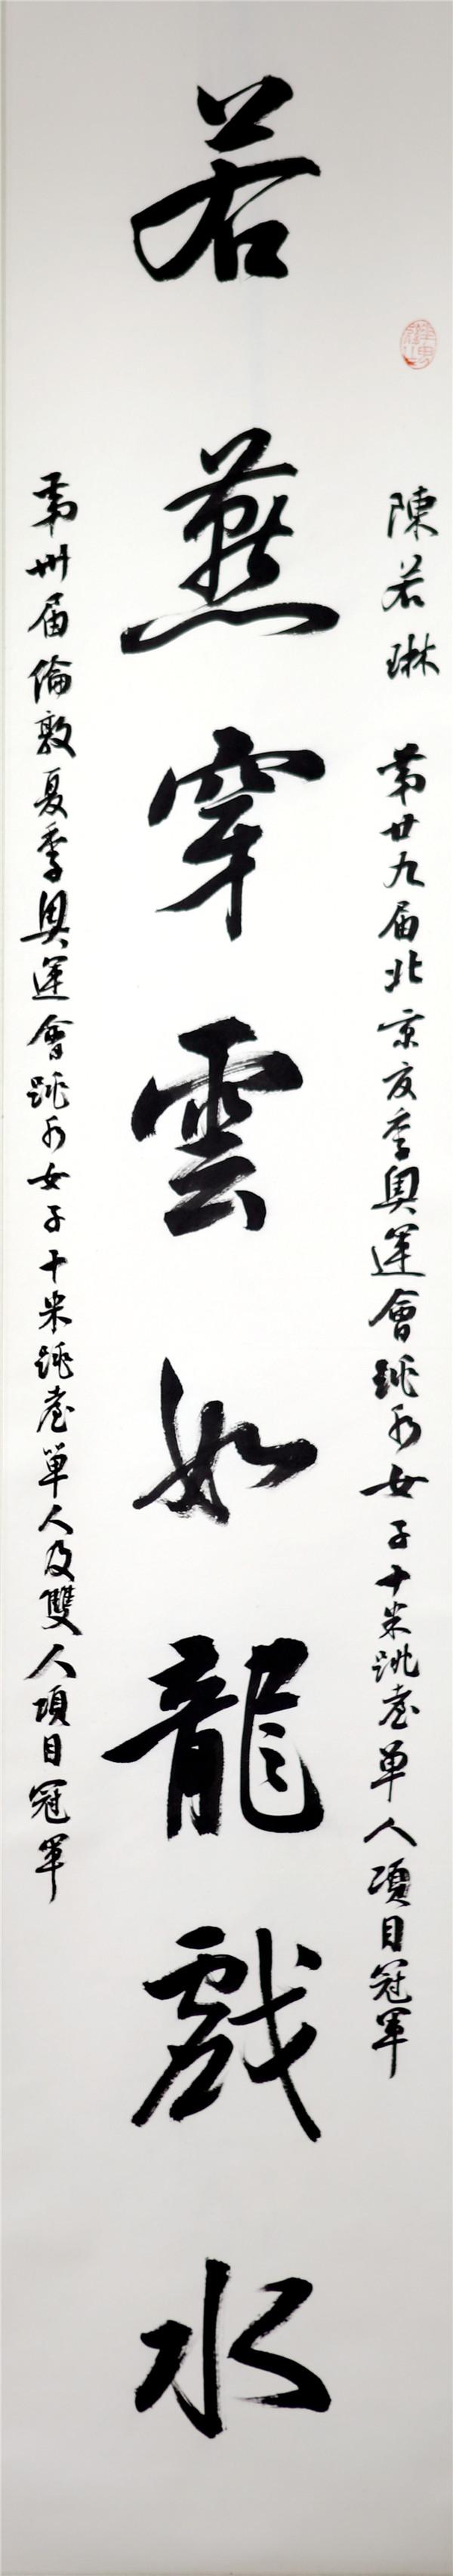 序号364,录舒贵生为江苏奥运冠军陈若琳嵌名联